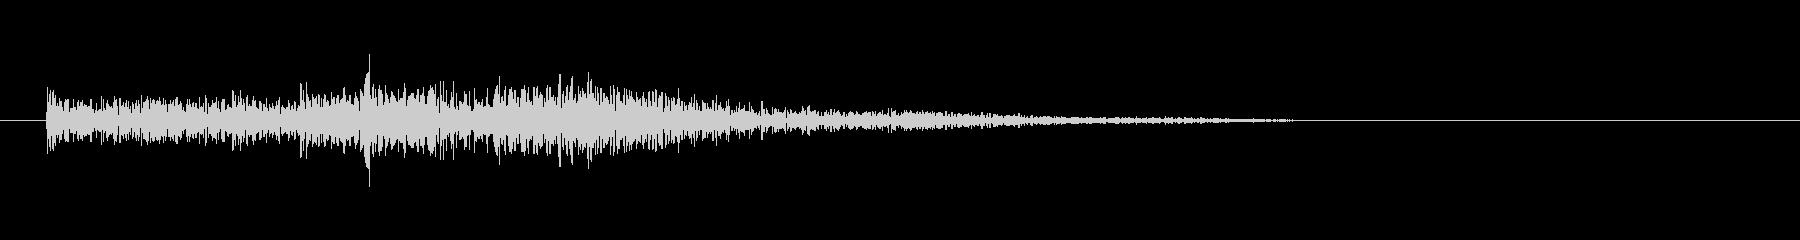 Drums、Toms、Type D...の未再生の波形